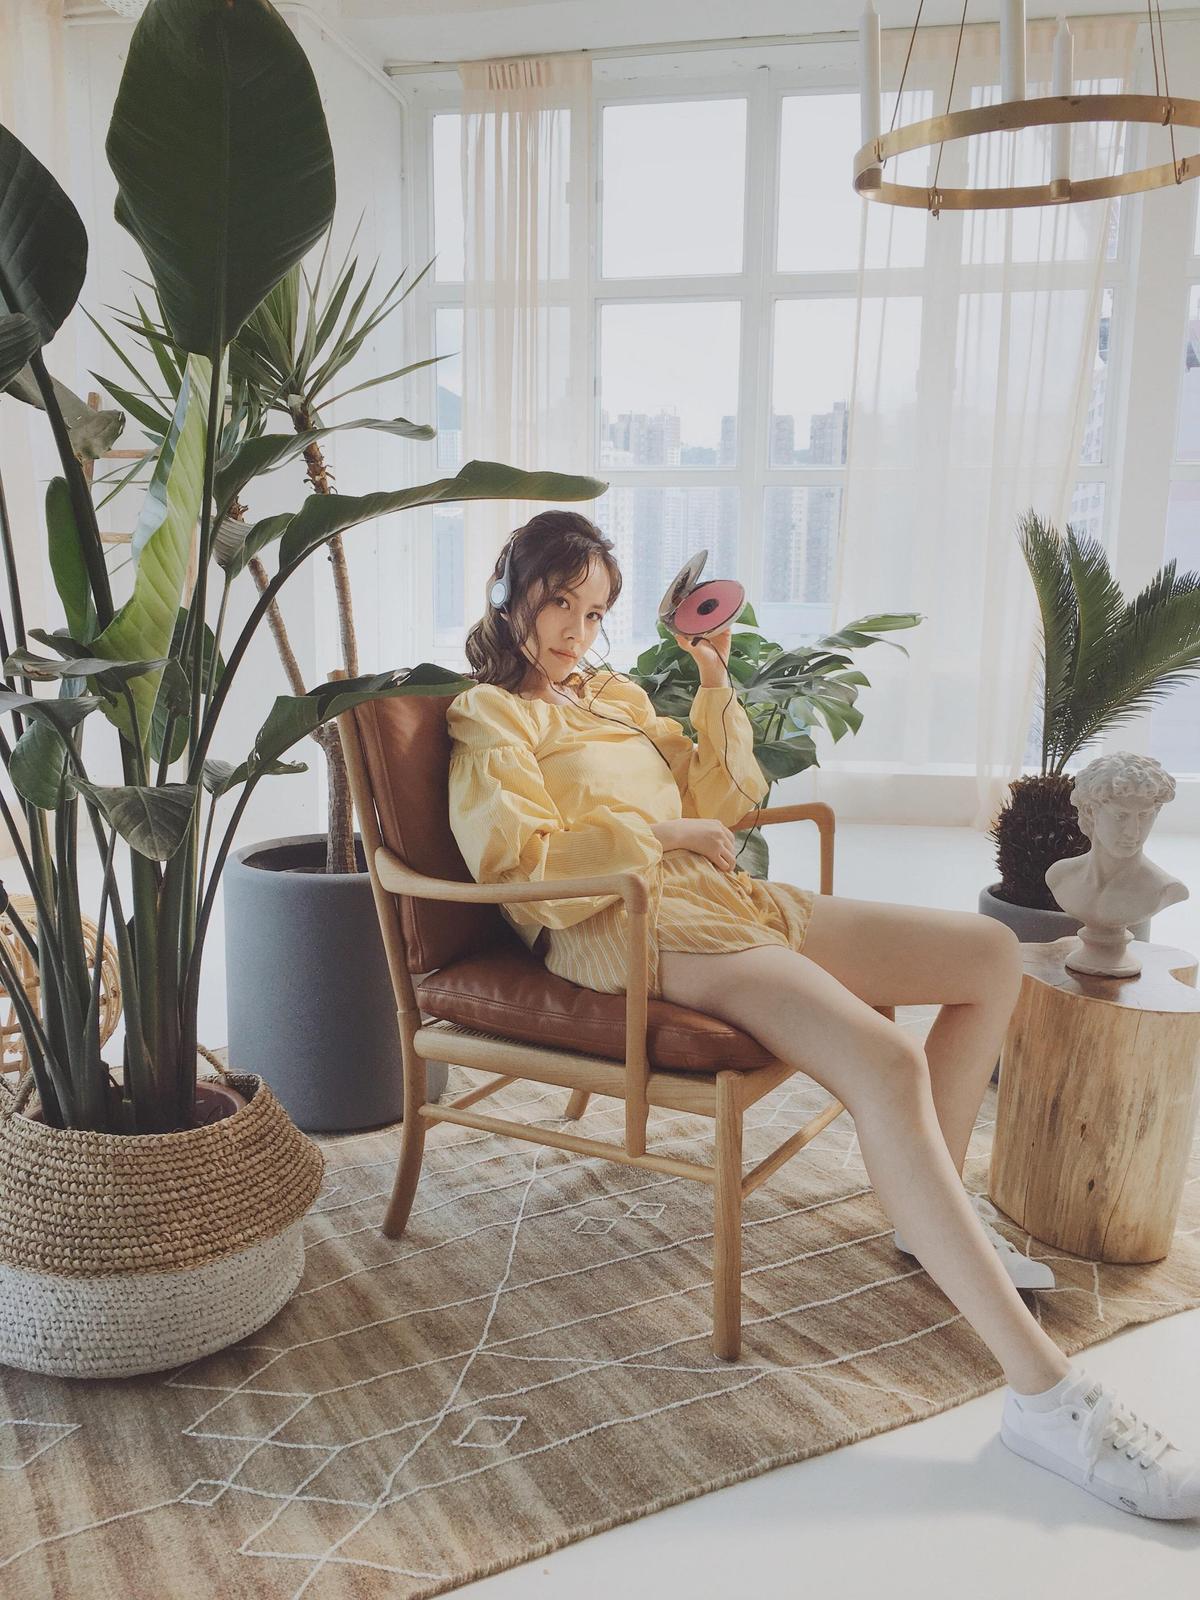 王詩安推出新歌〈GOOD TIMES〉,大方分享分享晒出小麥肌的祕訣。(賦音樂提供)